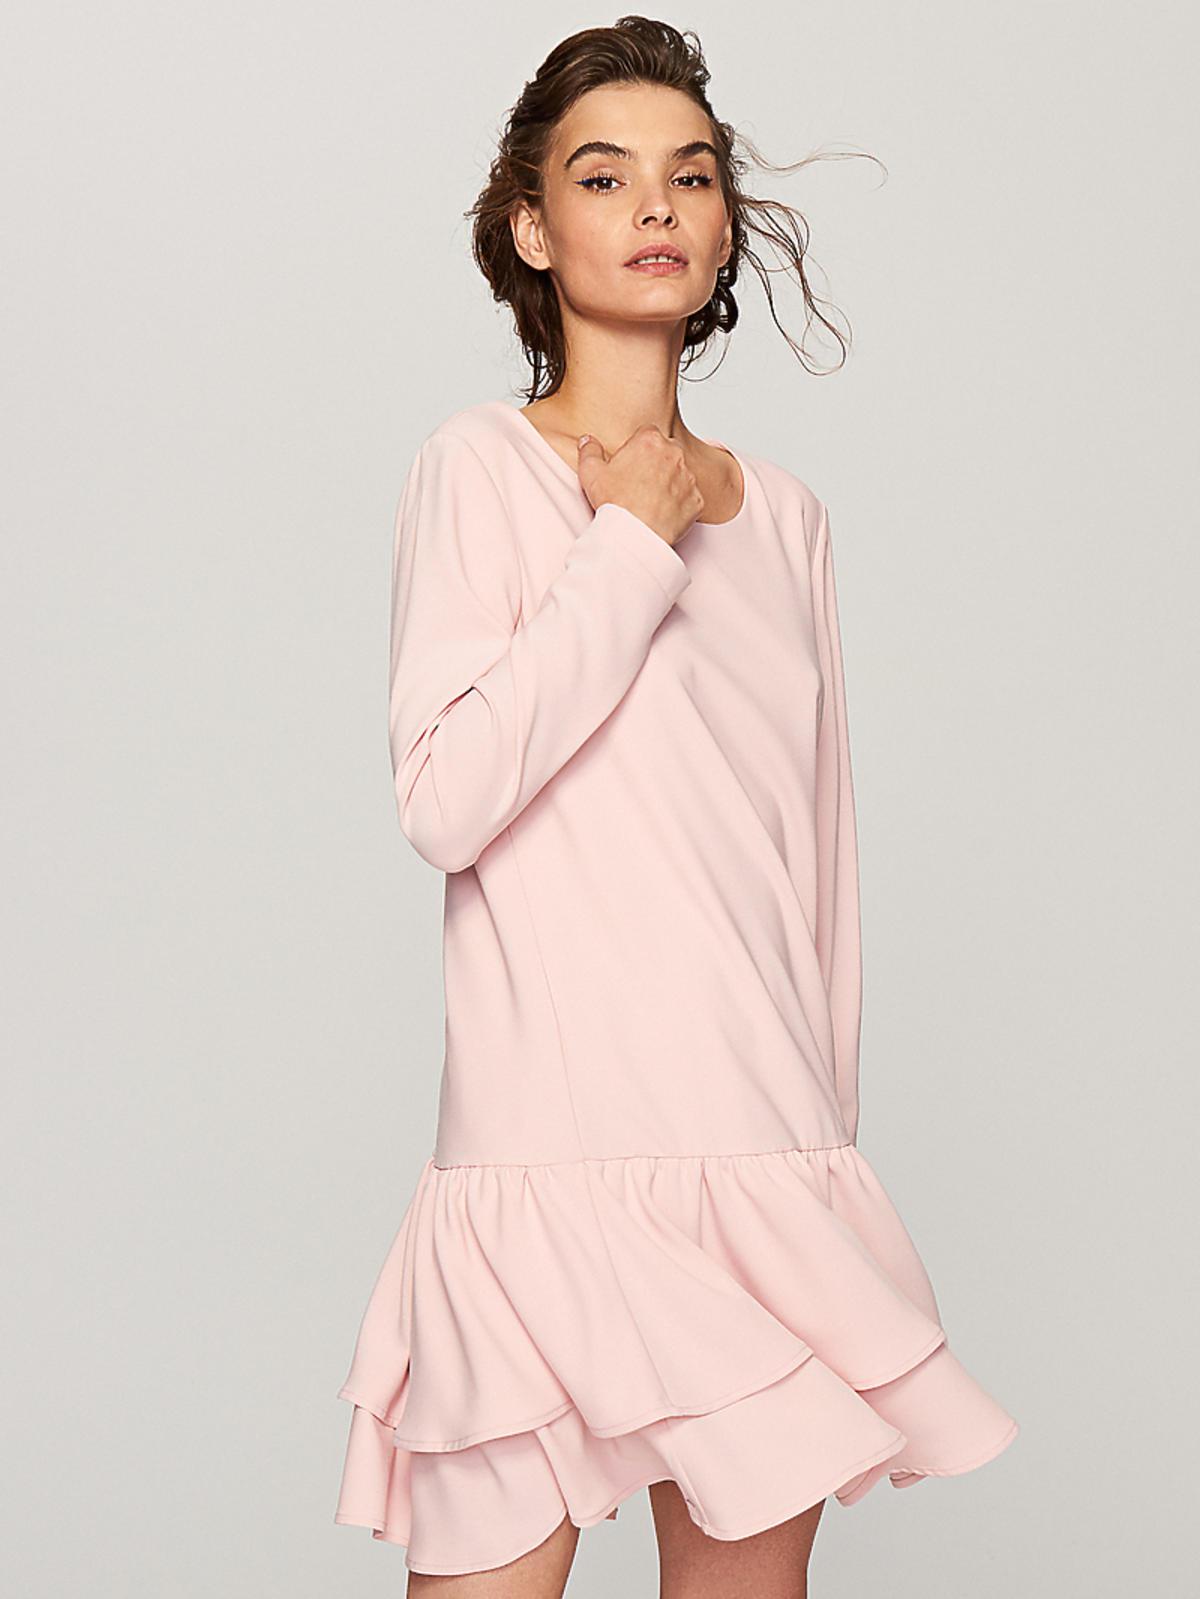 Jasnoróżowa sukienka z falbanami, Reserved, 69,99 zł (z 99,99 zł)